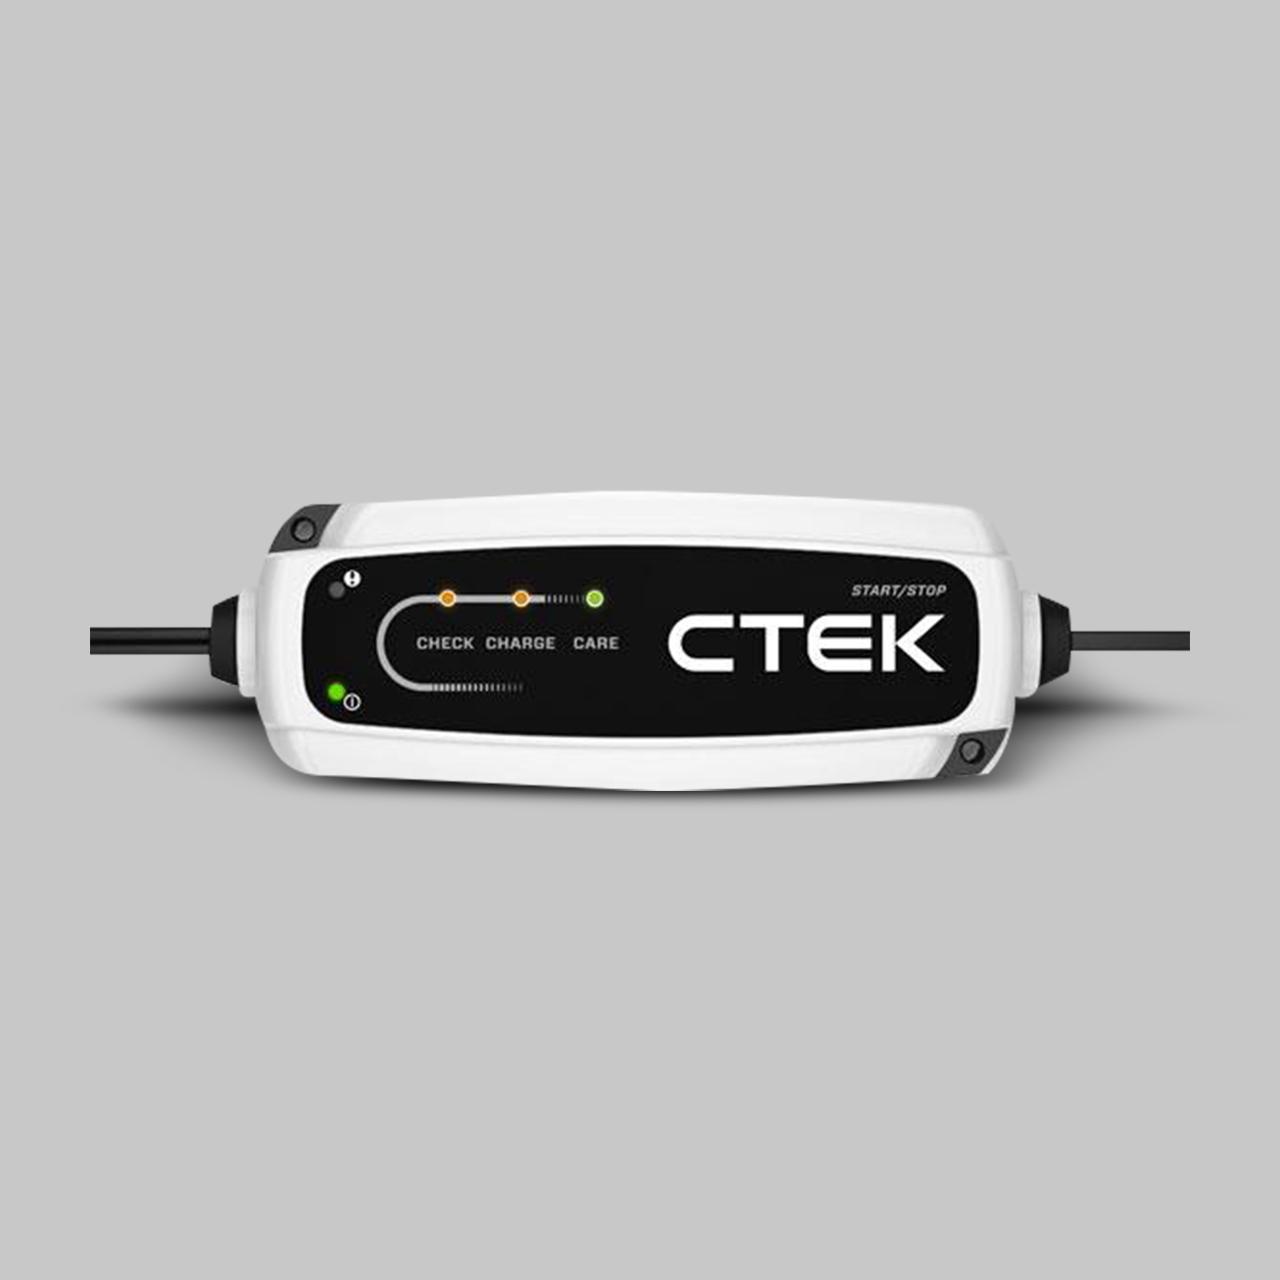 CTEK CT5 Start Stopp EU 12V 4A Batterieladegerät 0